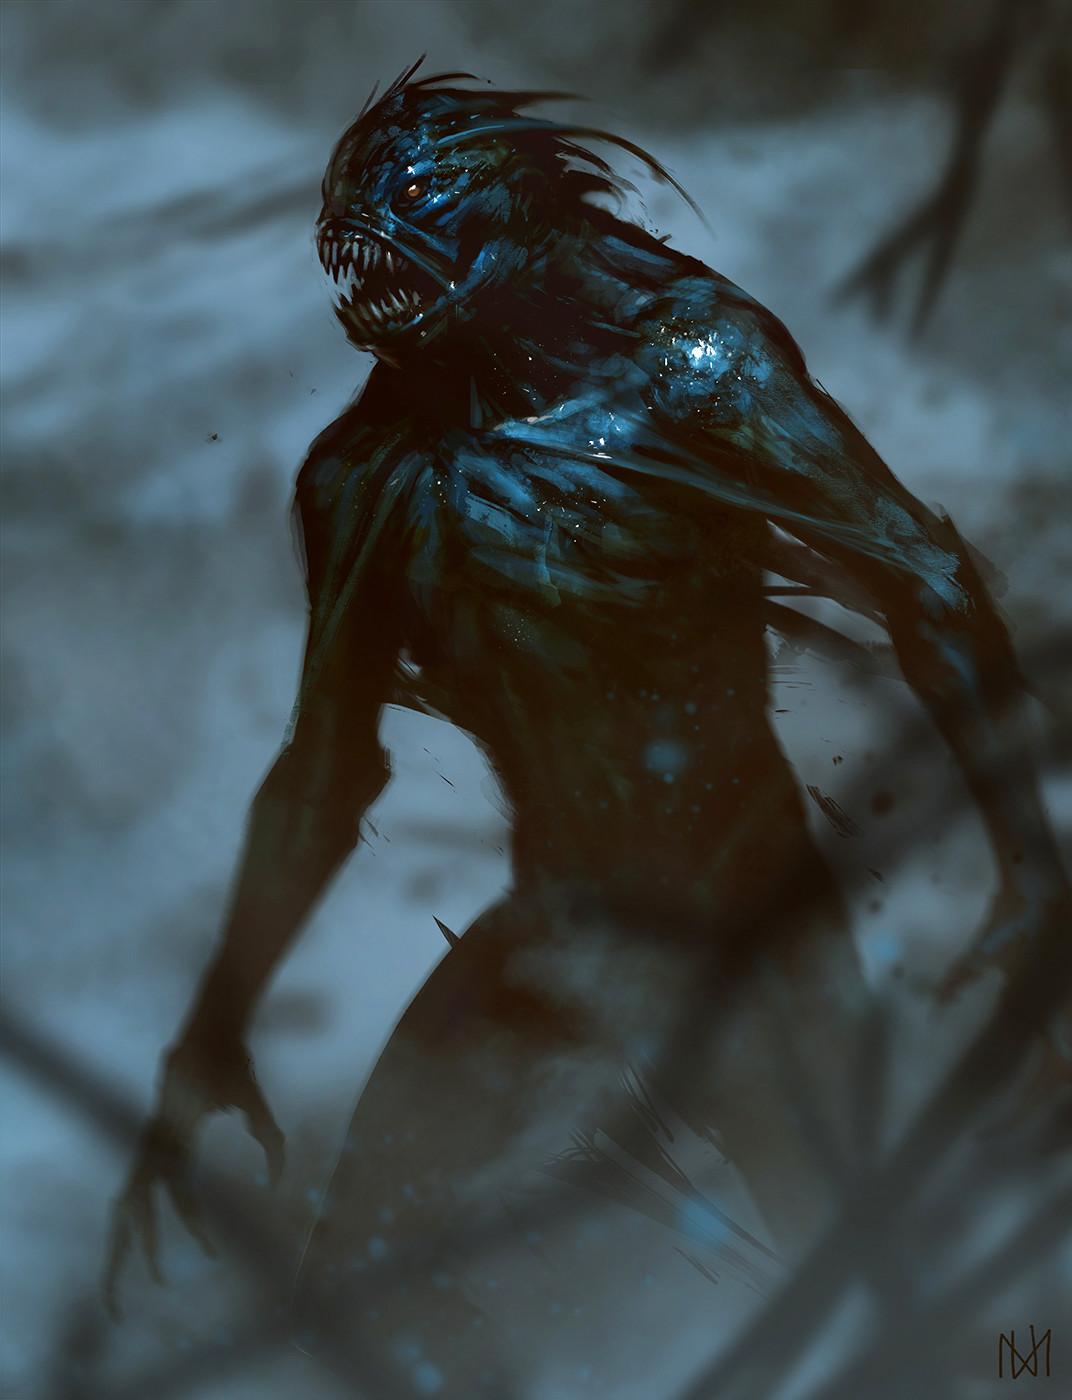 Nagy norbert creature 3